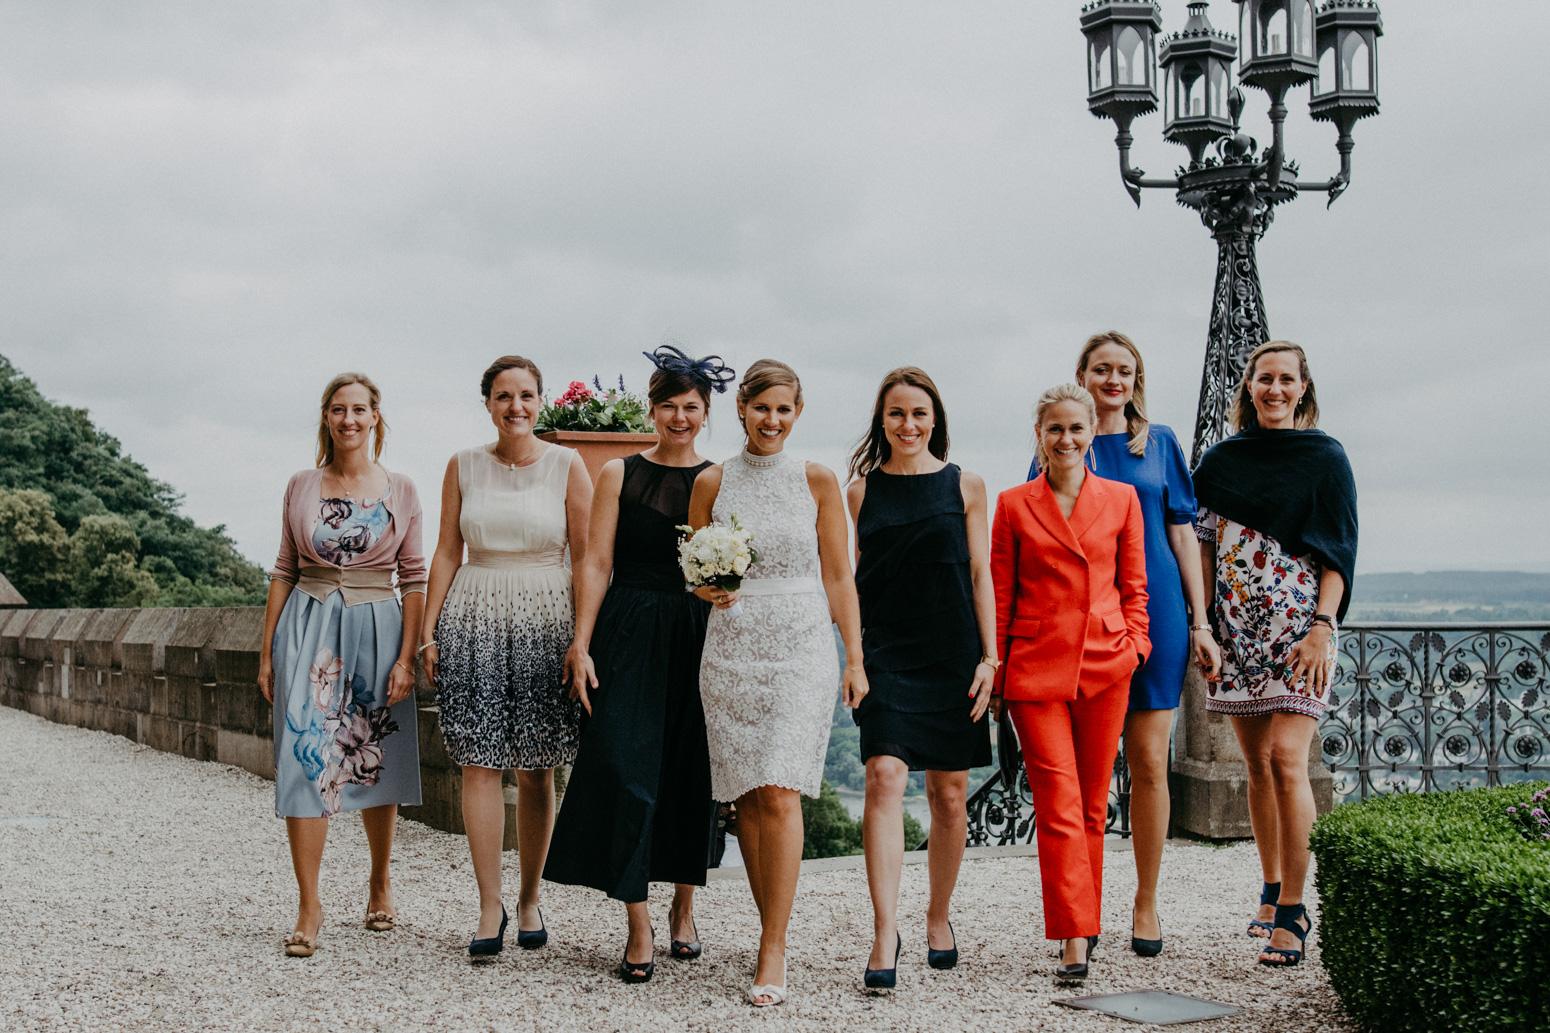 deutsch-amerikanische Hochzeit auf Schloss Drachenburg in Königswinter, fotografiert von der Hochzeitsfotografin Daria Becker